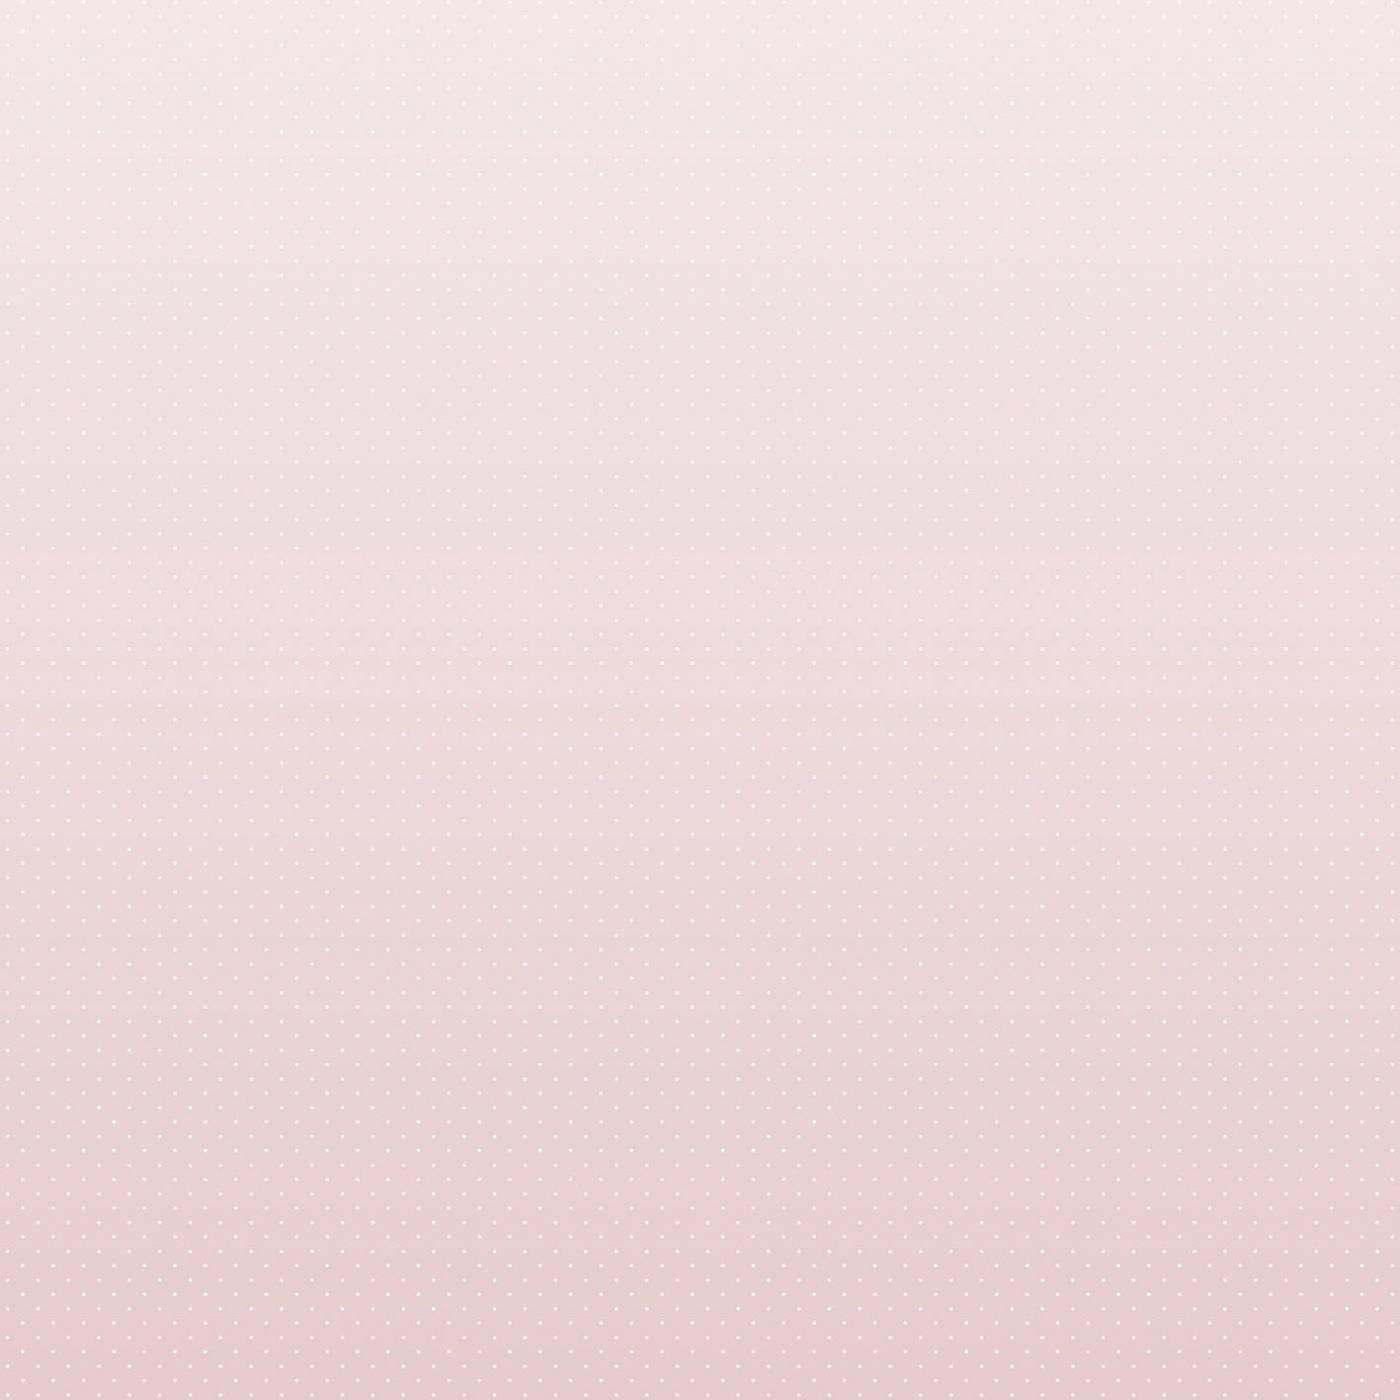 Papel de Parede Degradê Poa Rosa